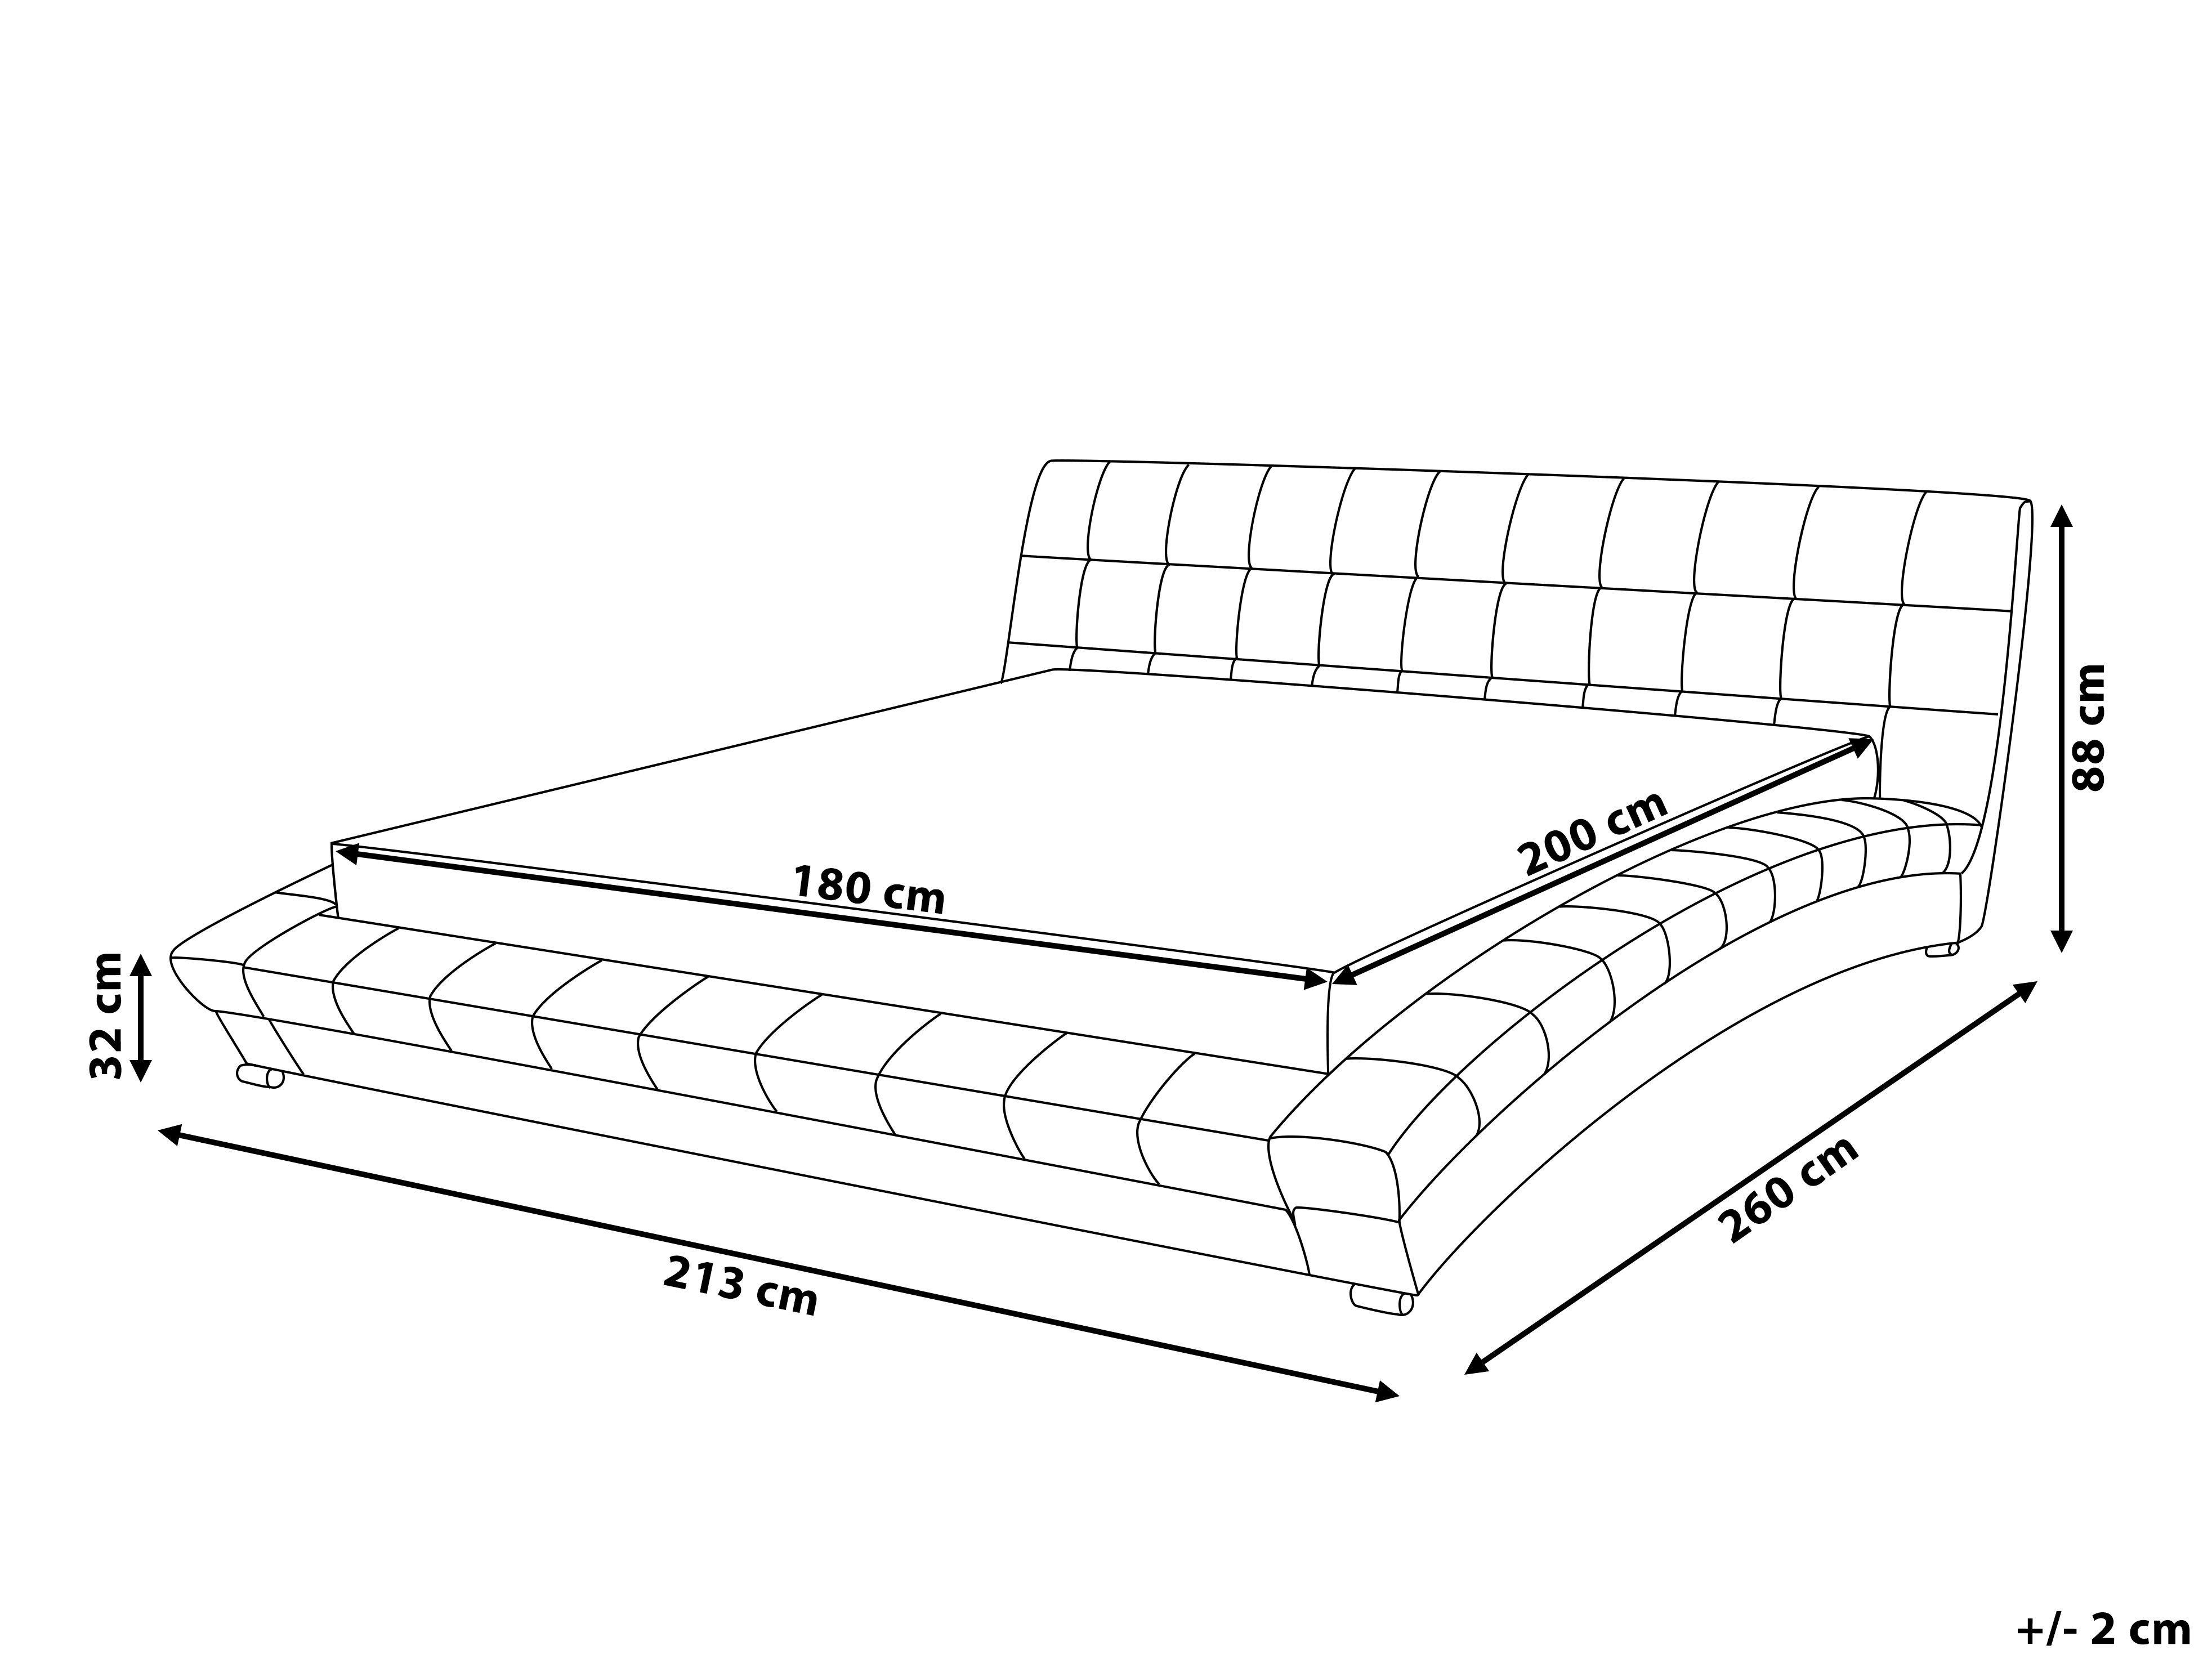 Детские матрасы: их размеры и высота для разных видов кроваток